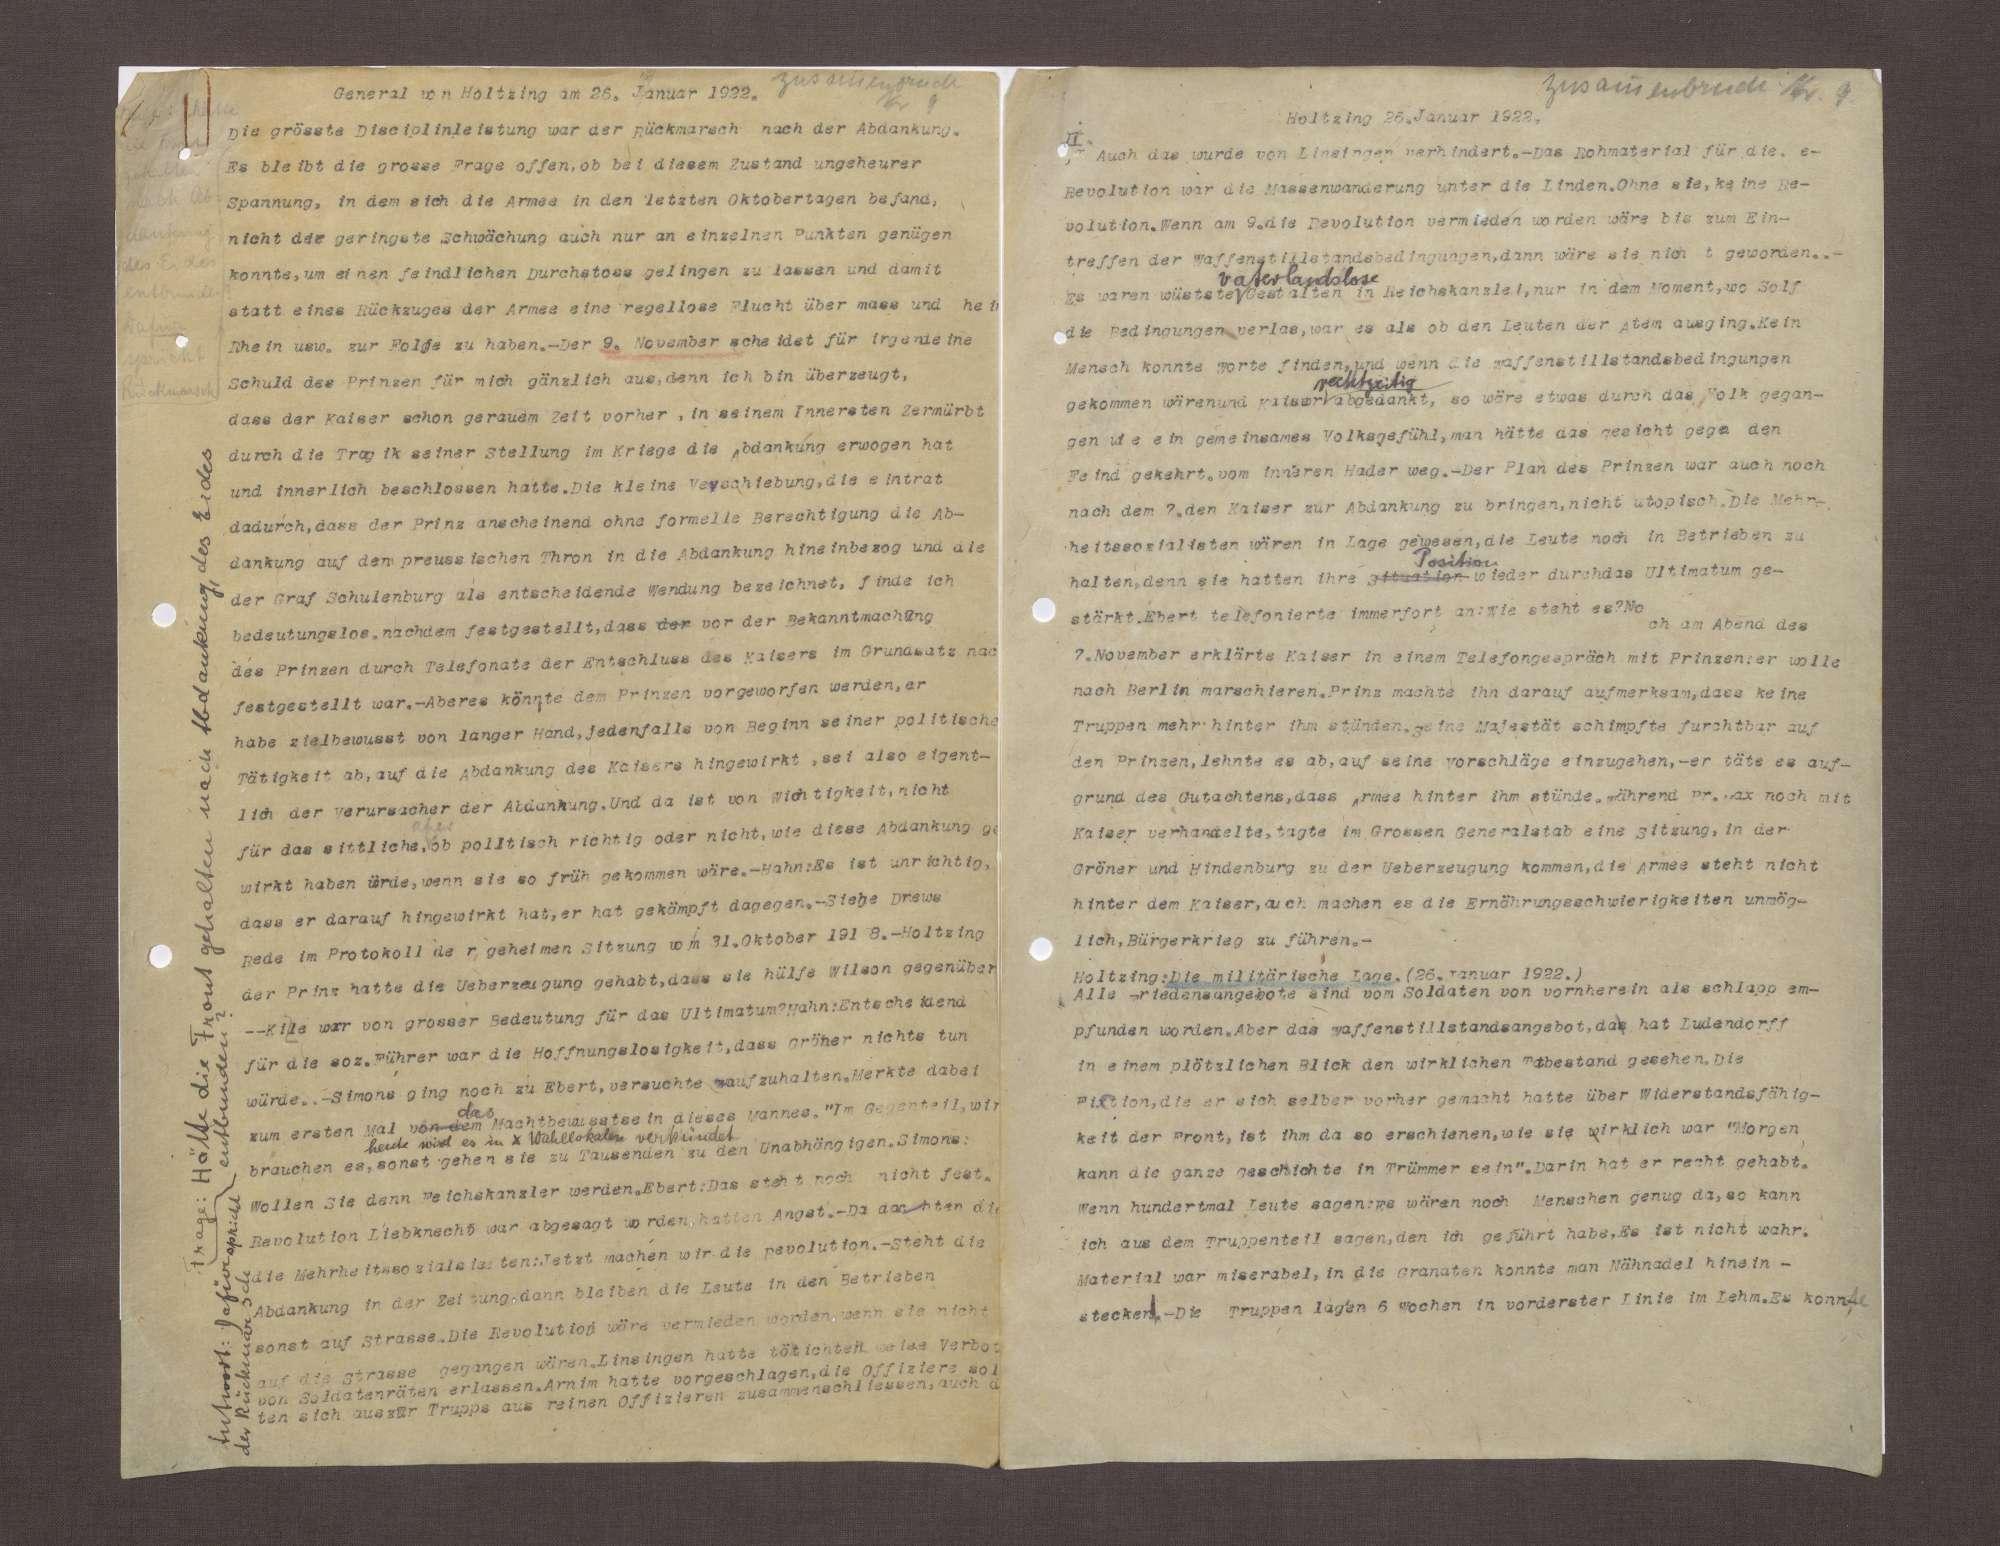 Bericht von Max von Holzing-Berstett bzgl. der Situation des Heeres 1918, Bild 1